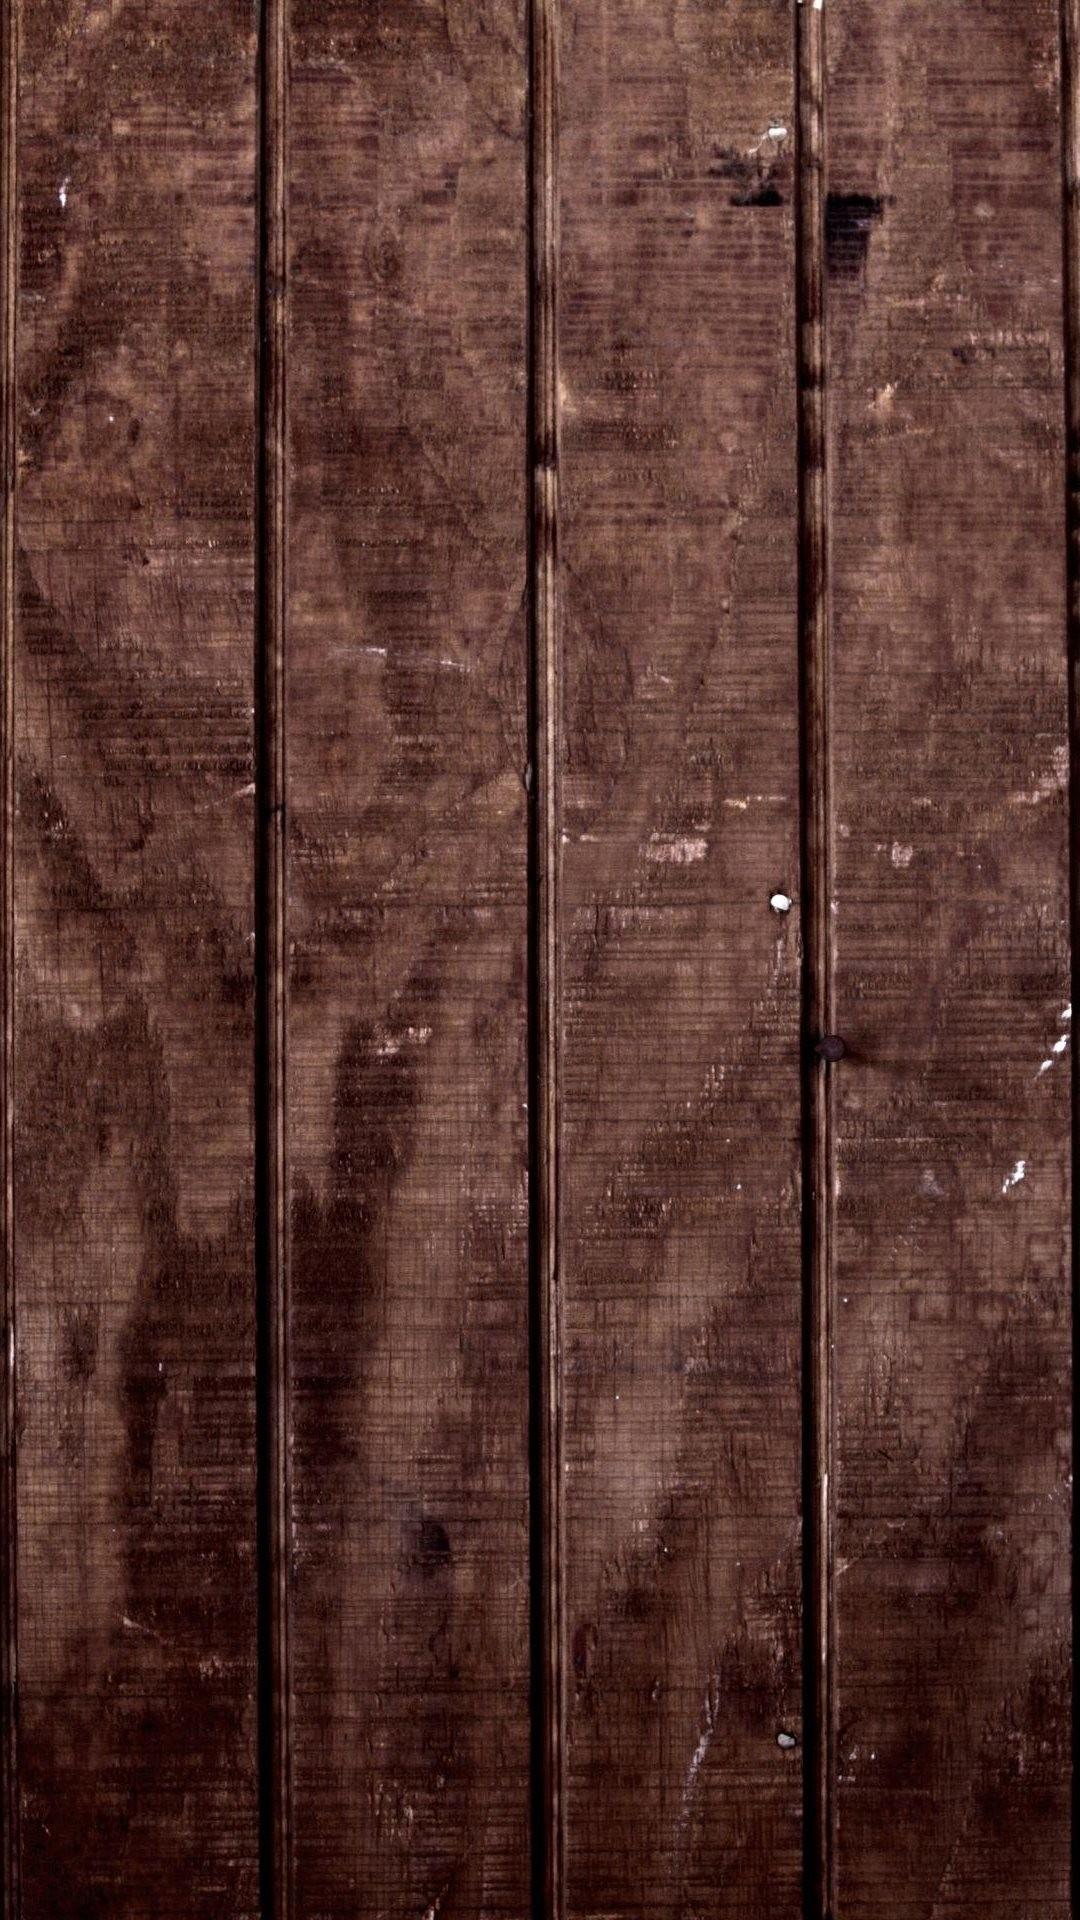 Wood Floor Texture iPhone 6 Plus HD Wallpaper …